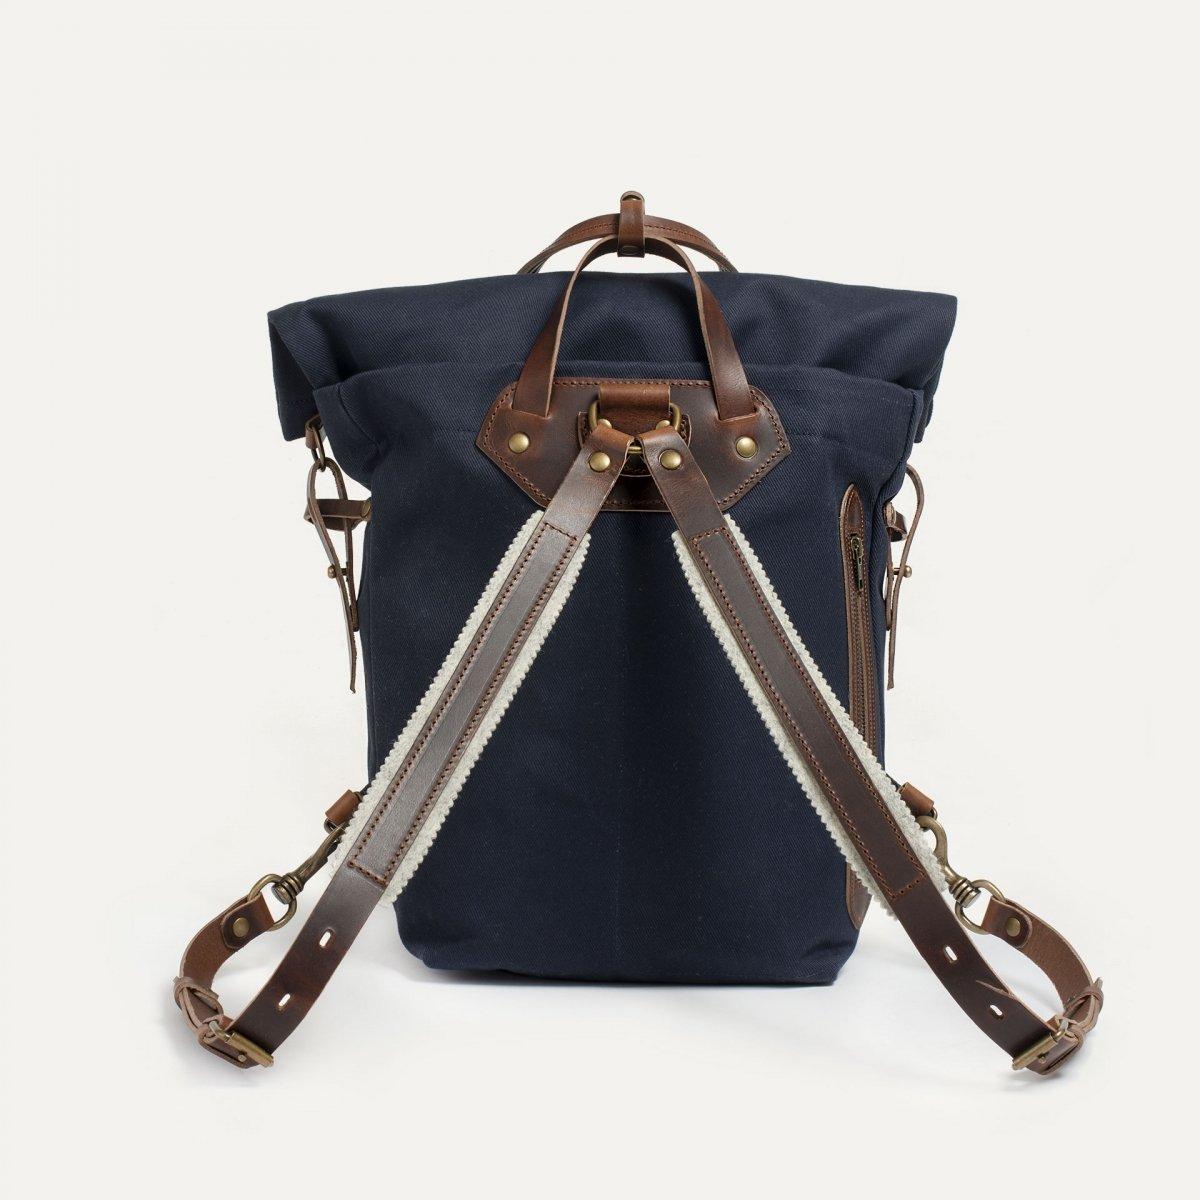 Woody S Backpack - Peacoat Blue (image n°3)